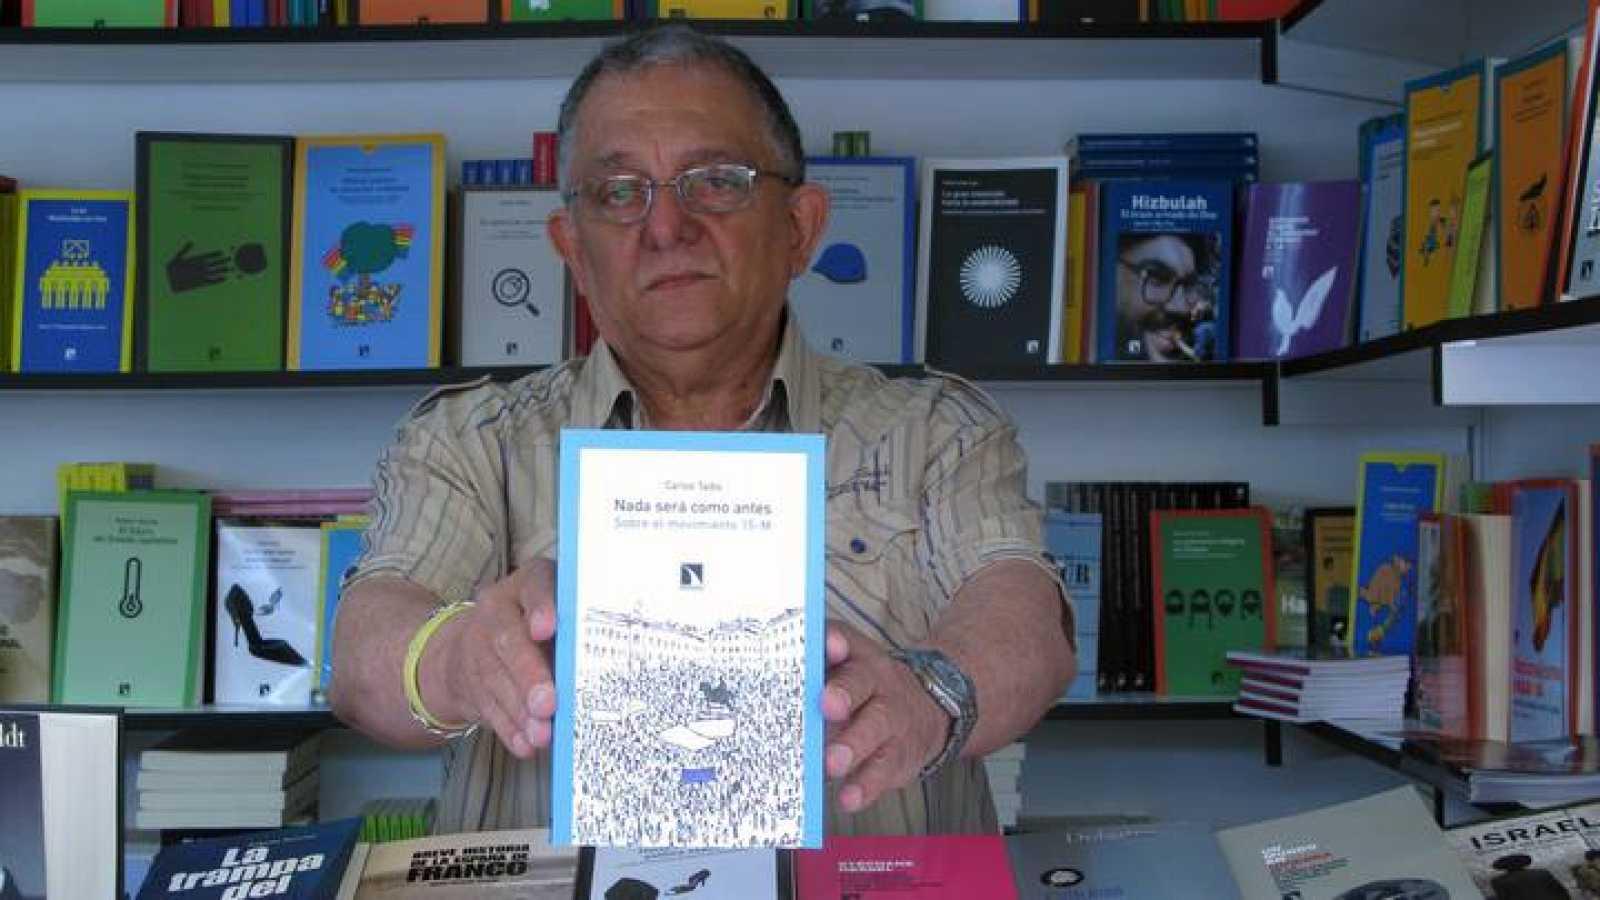 'Nada será como antes' el primer libro sobre el Movimiento 15-M